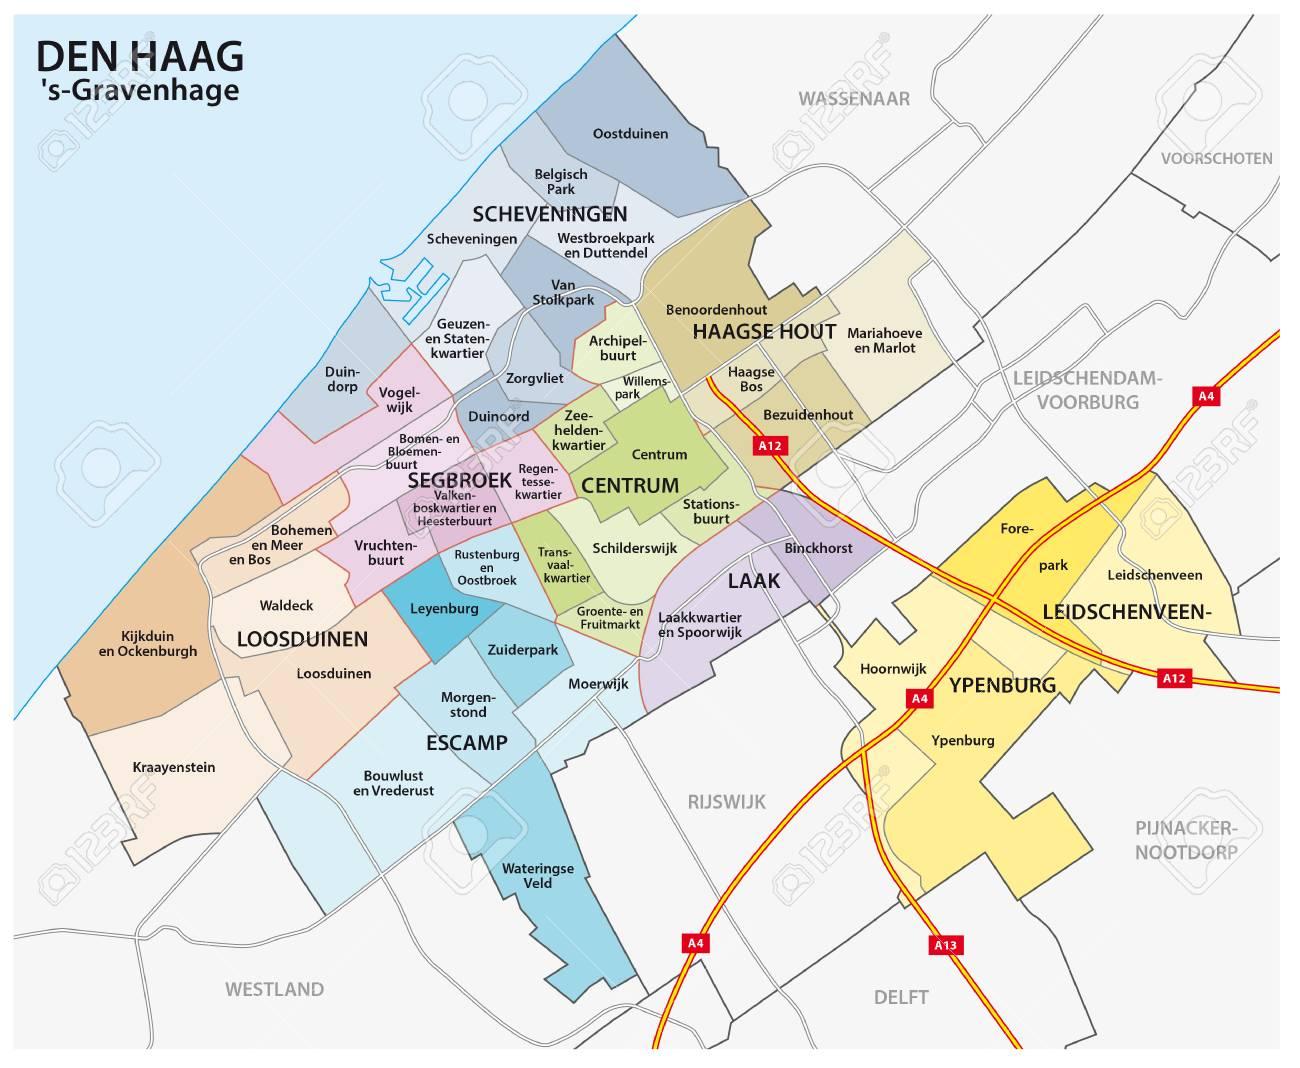 Olanda Cartina Politica.Vettoriale Mappa Amministrativa E Politica Della Citta Olandese L Aia Image 82944908